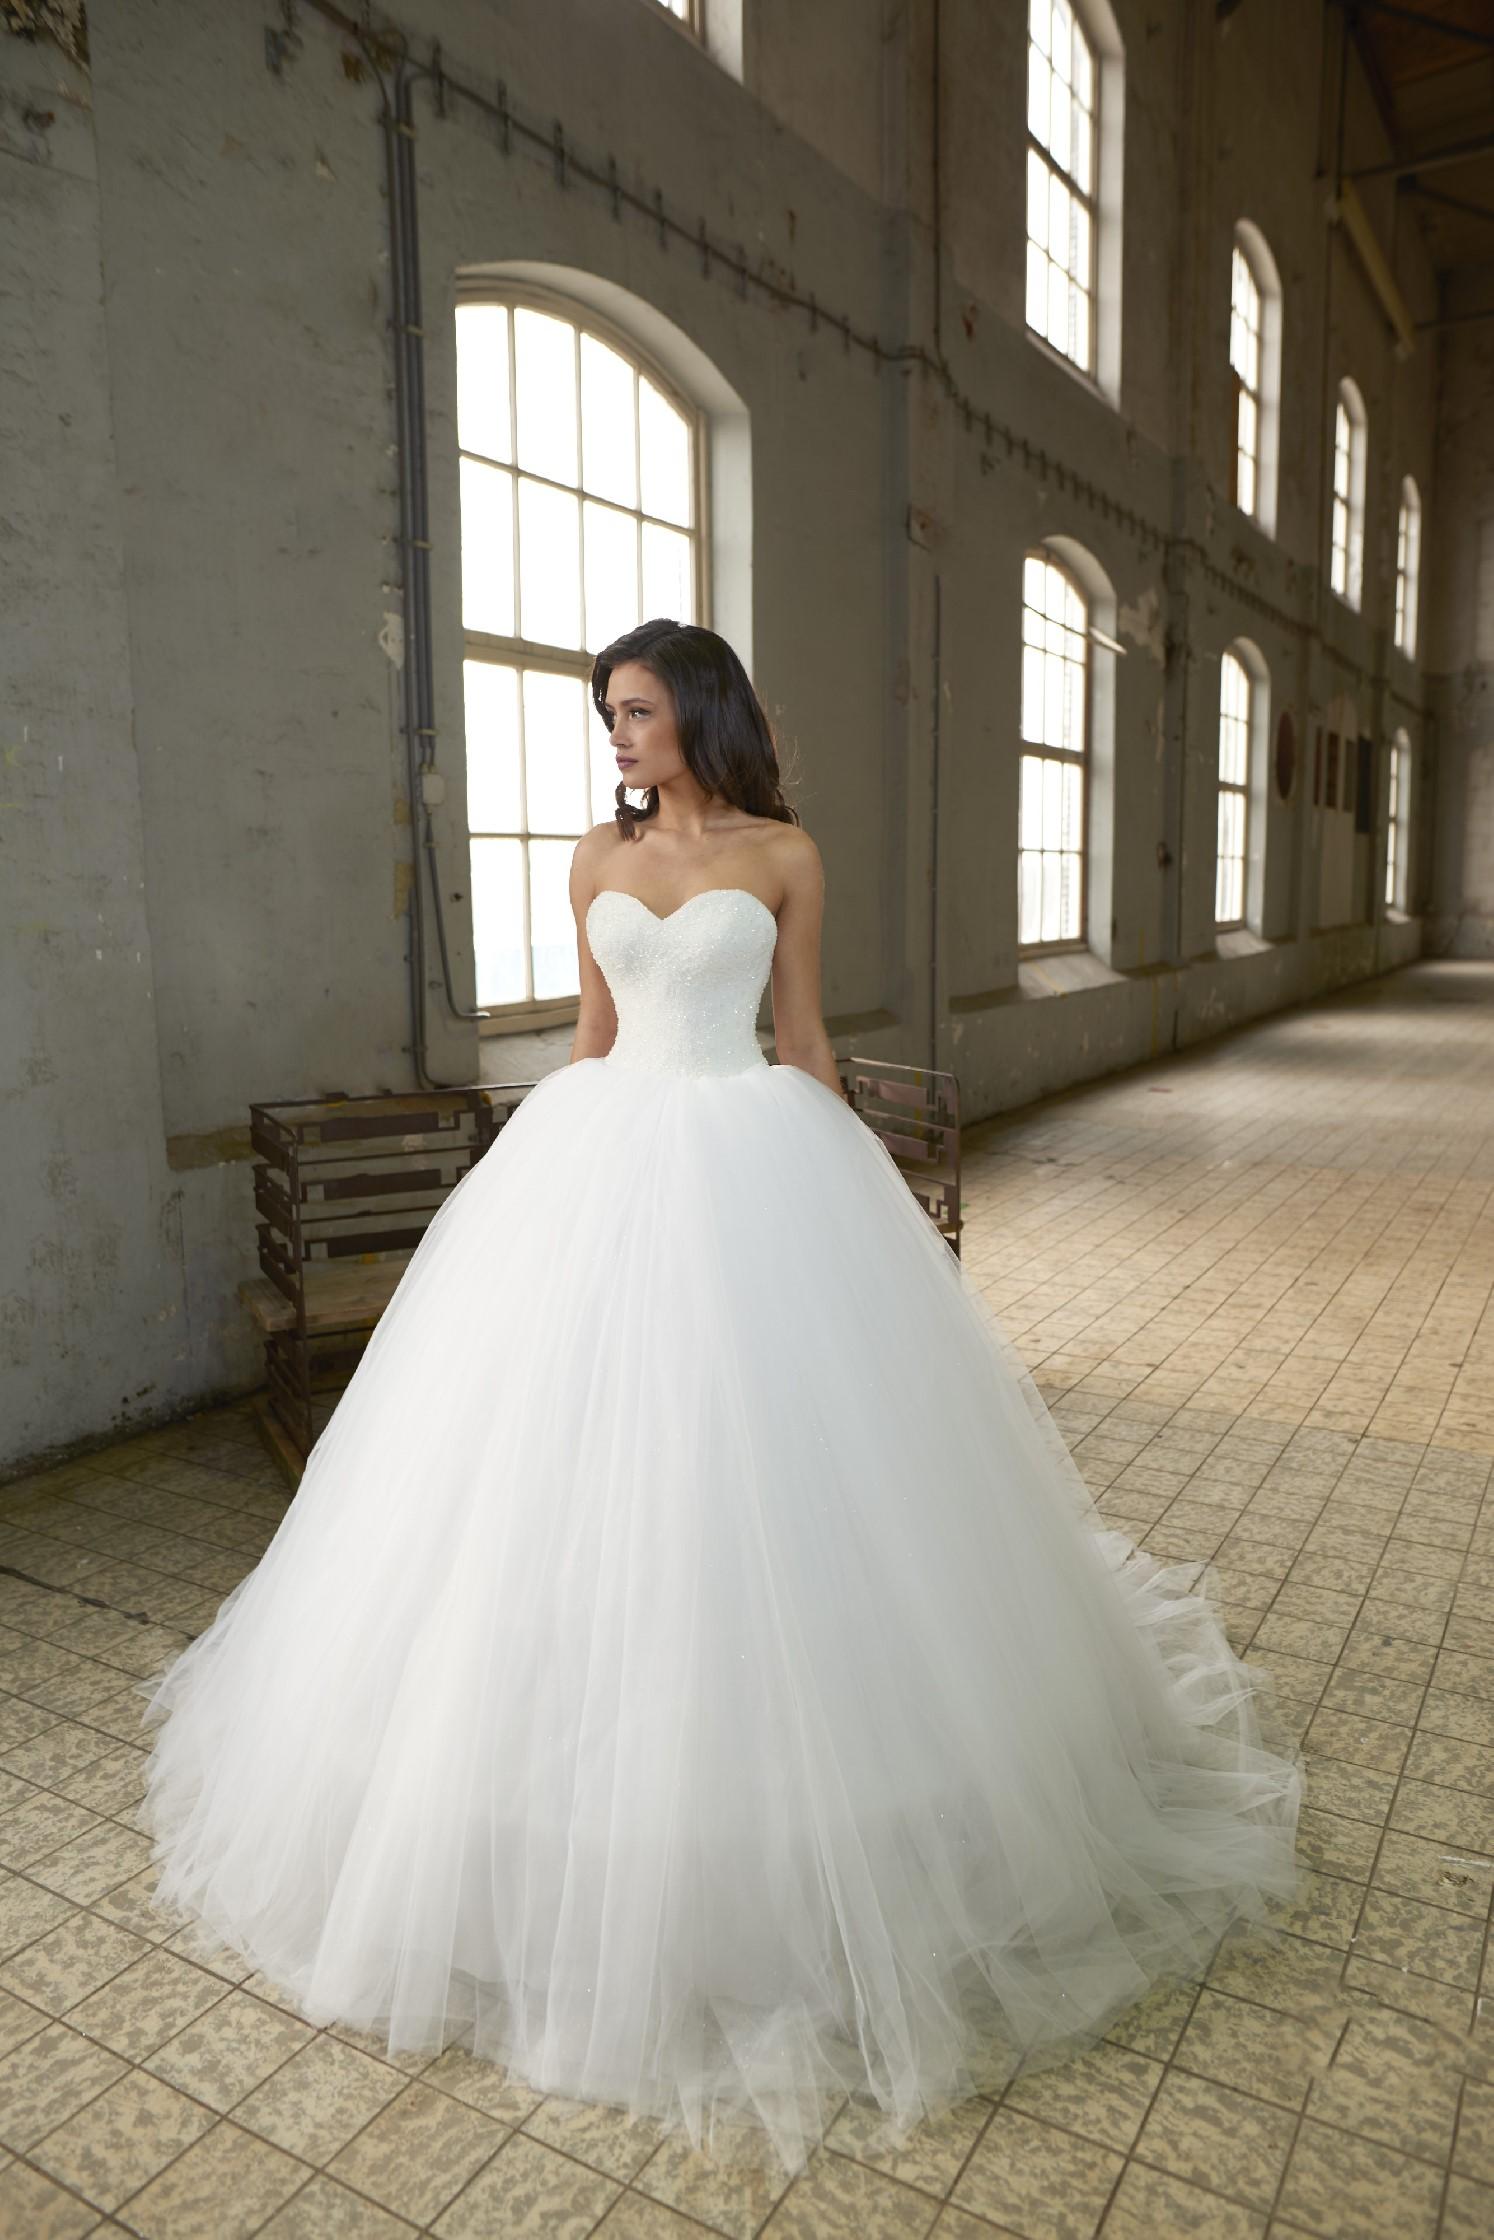 Crystalline bridals adara abiti da sposa il giardino - Il giardino della sposa ...